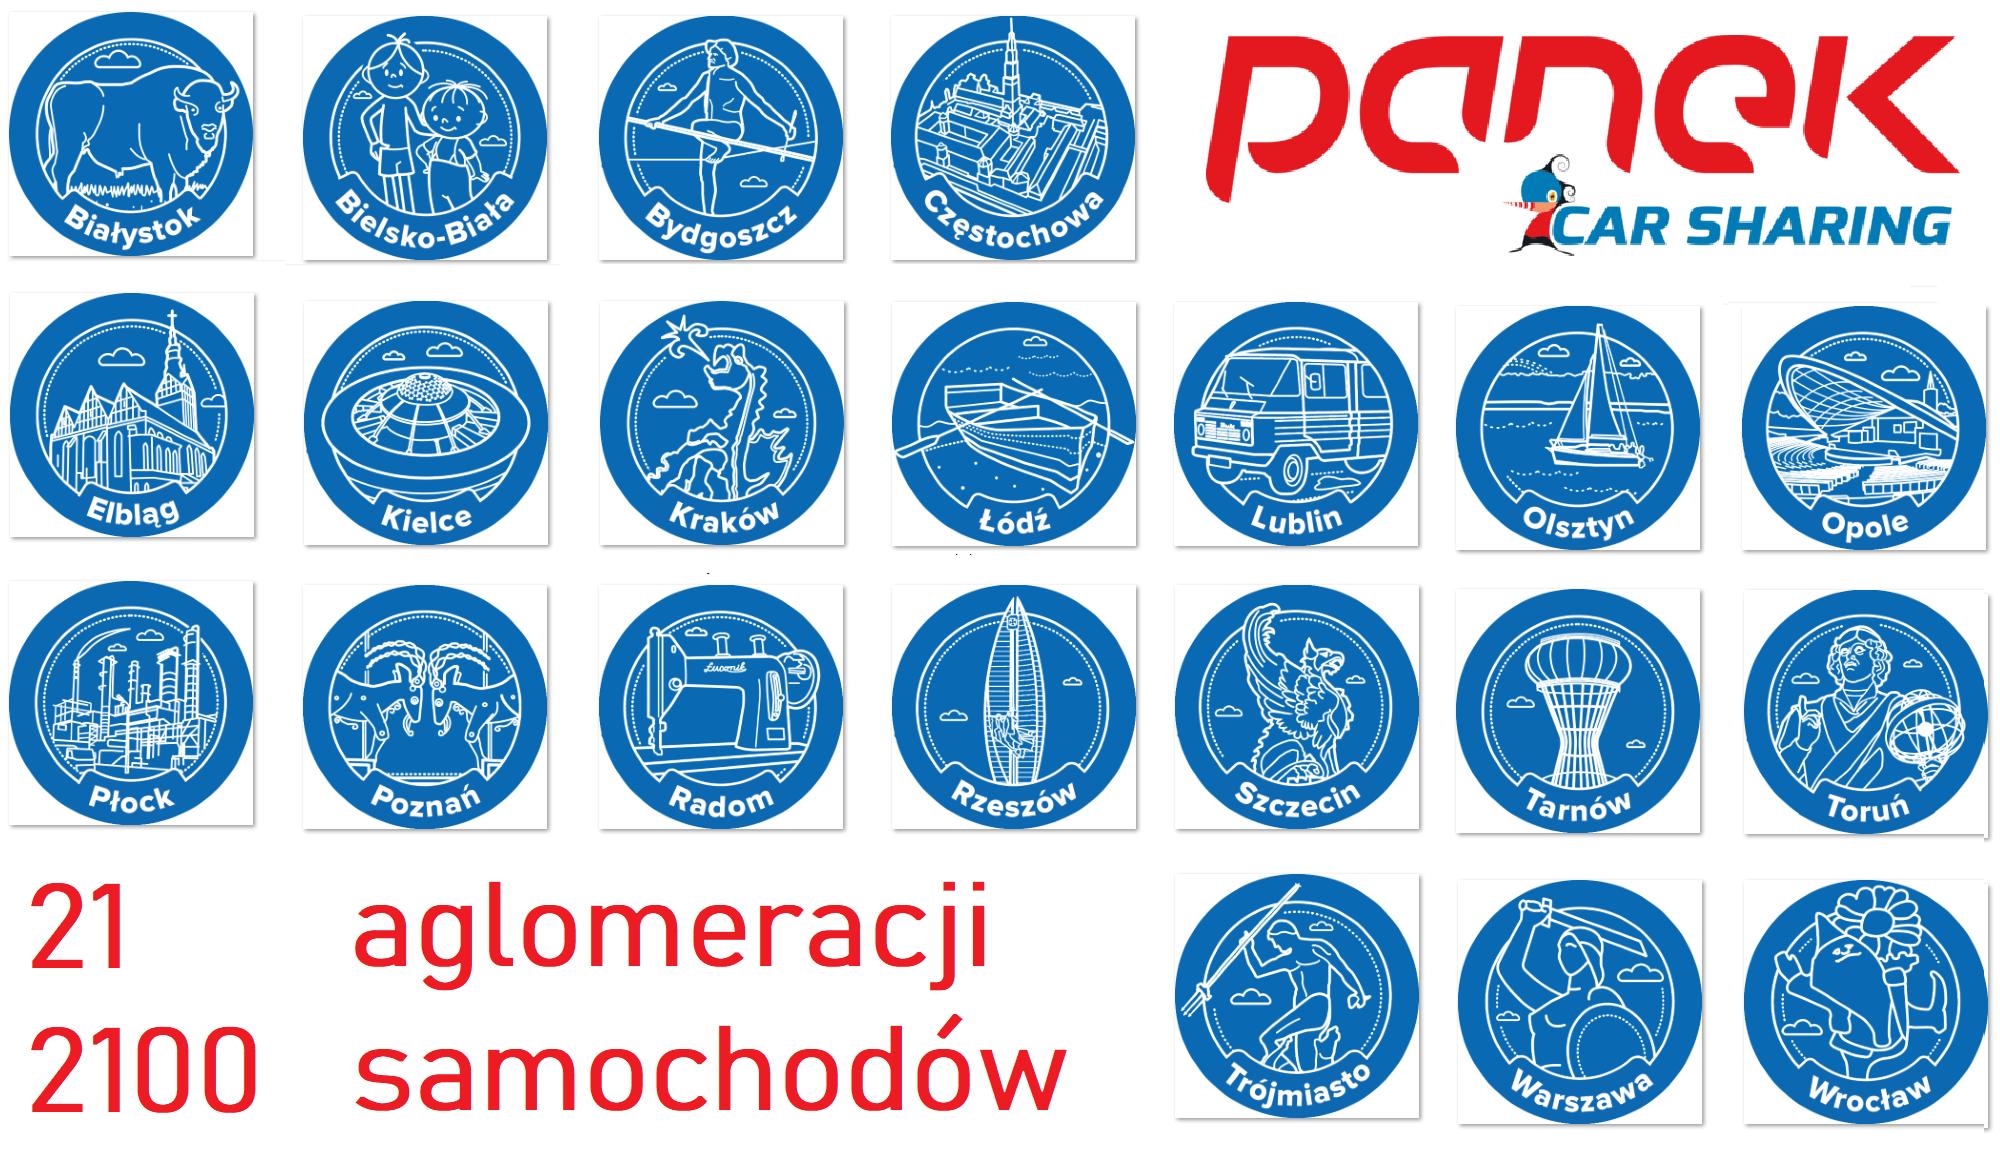 PKS, PKP… PANEK CarSharing.<br>Nowe 11 miast już w aplikacji!!